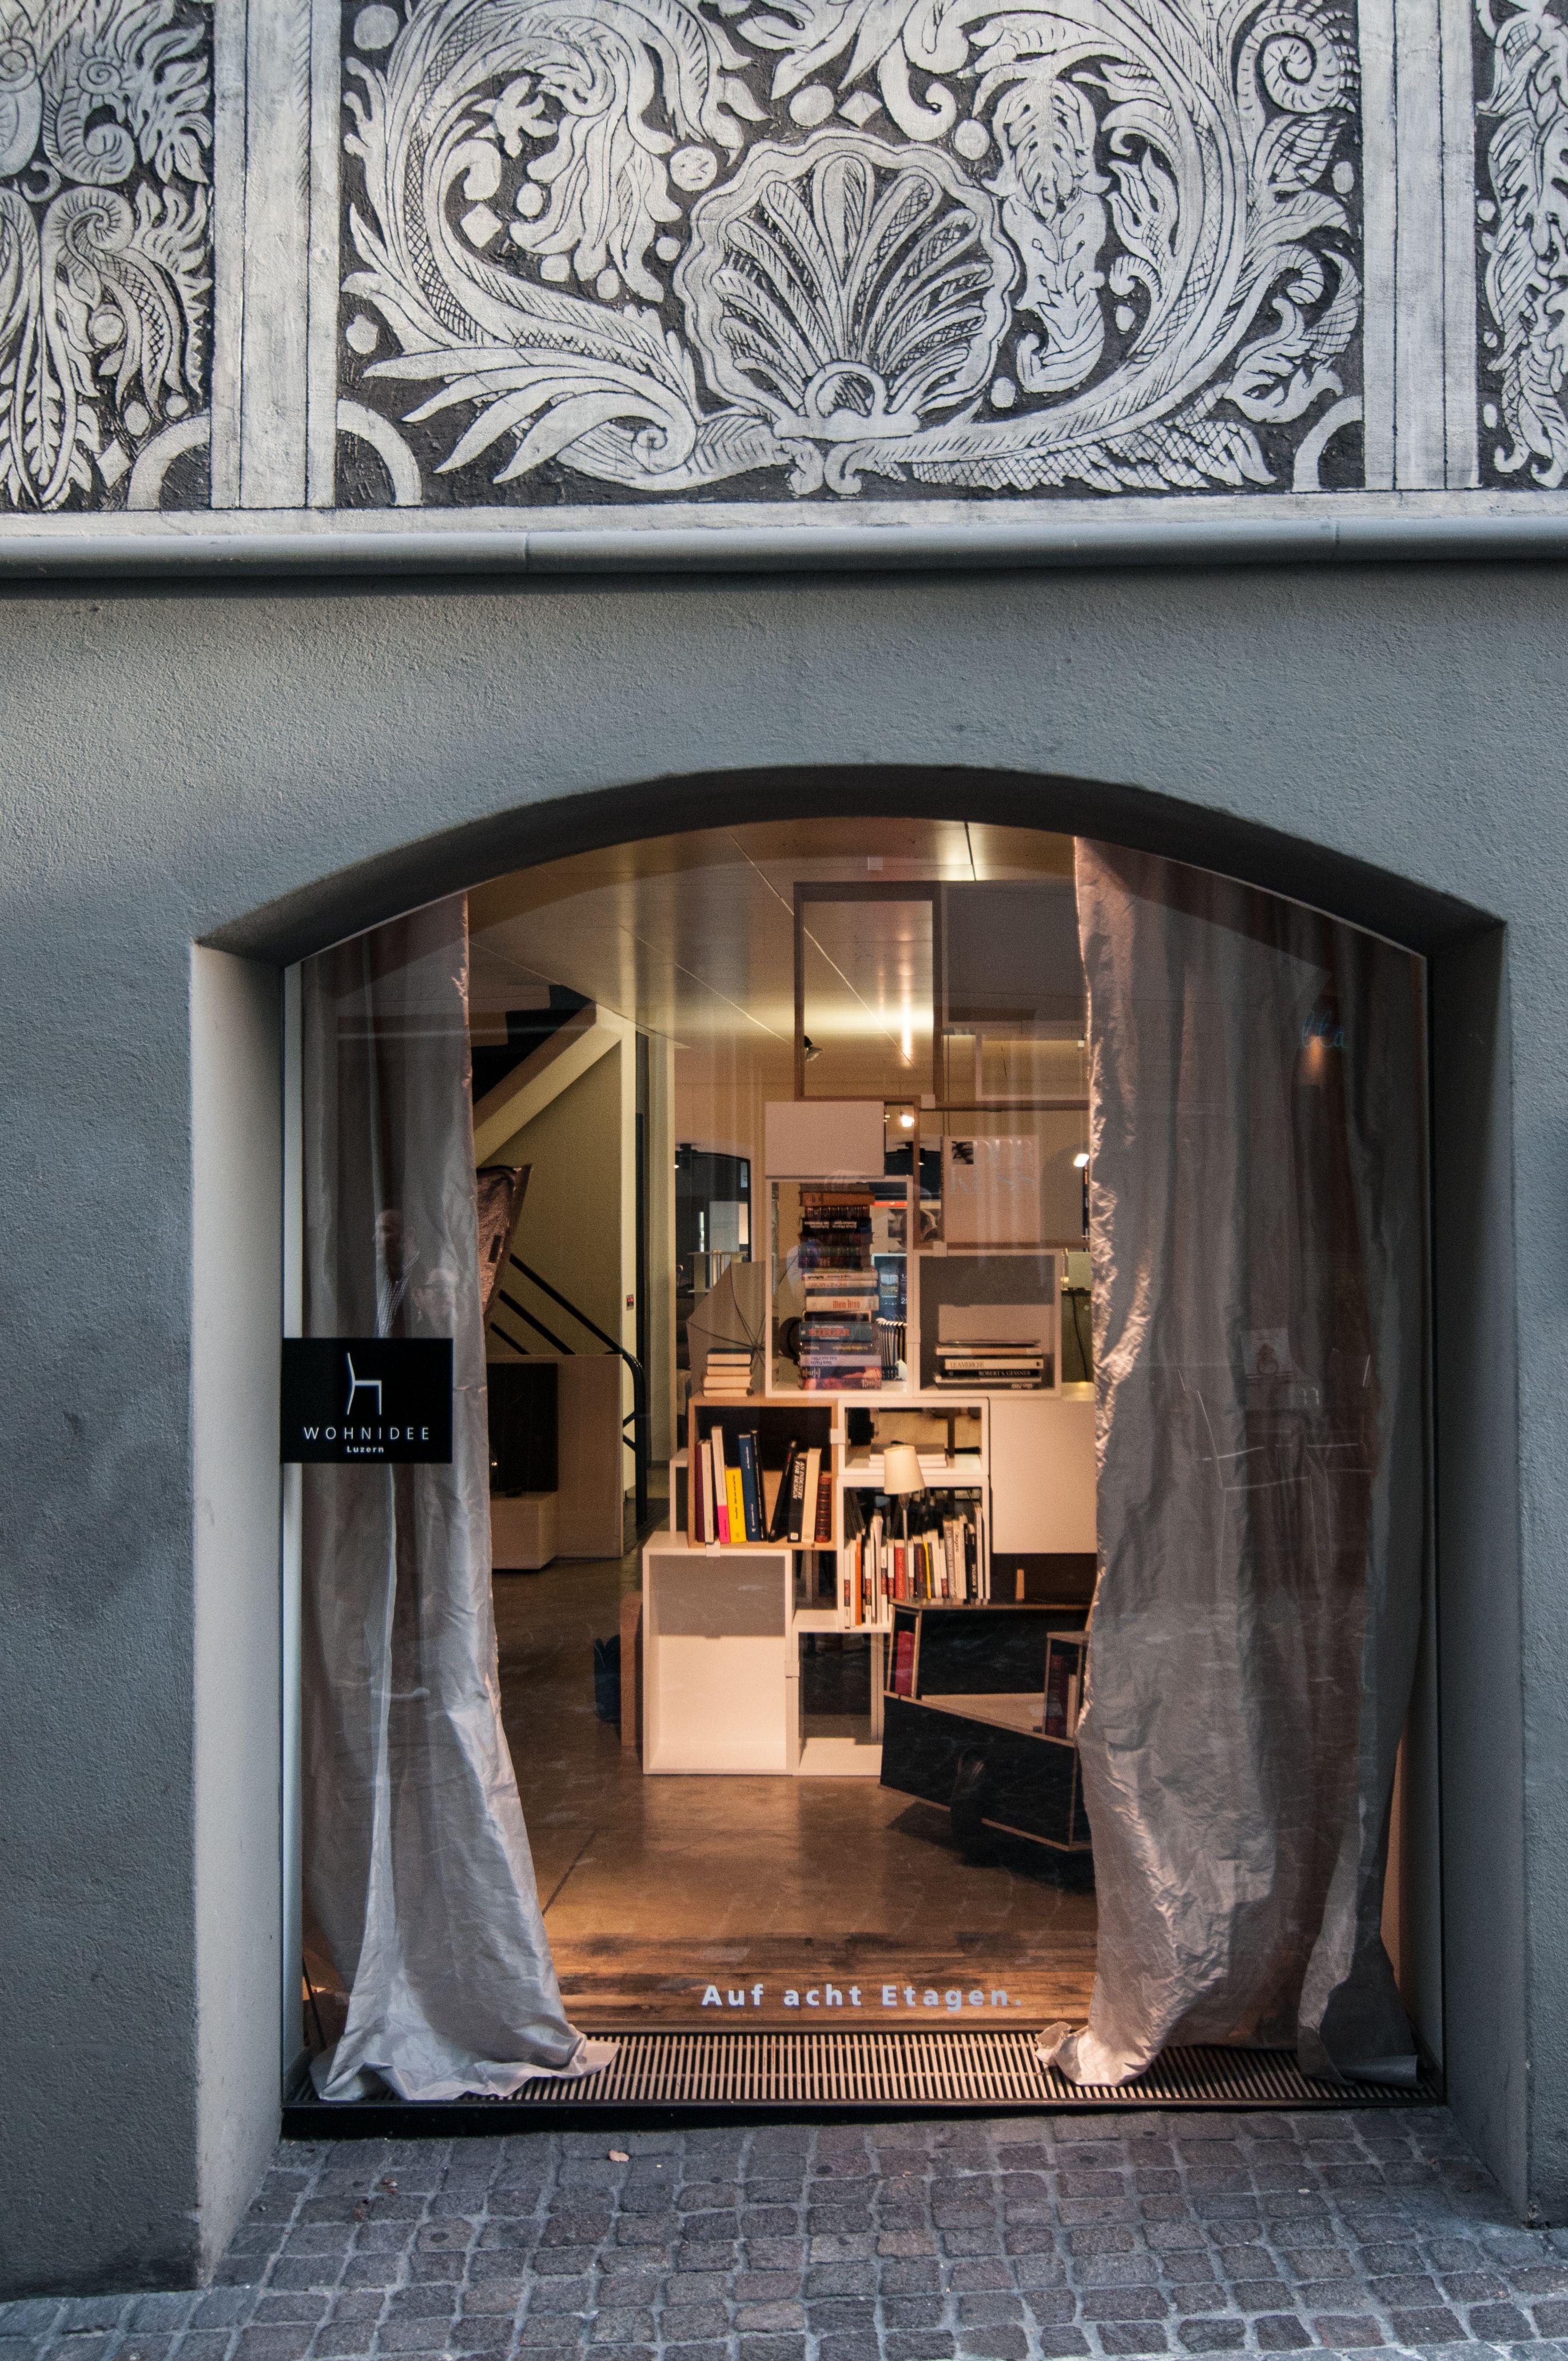 Wohnideen Luzern wohnidee luzern store fronts market places store